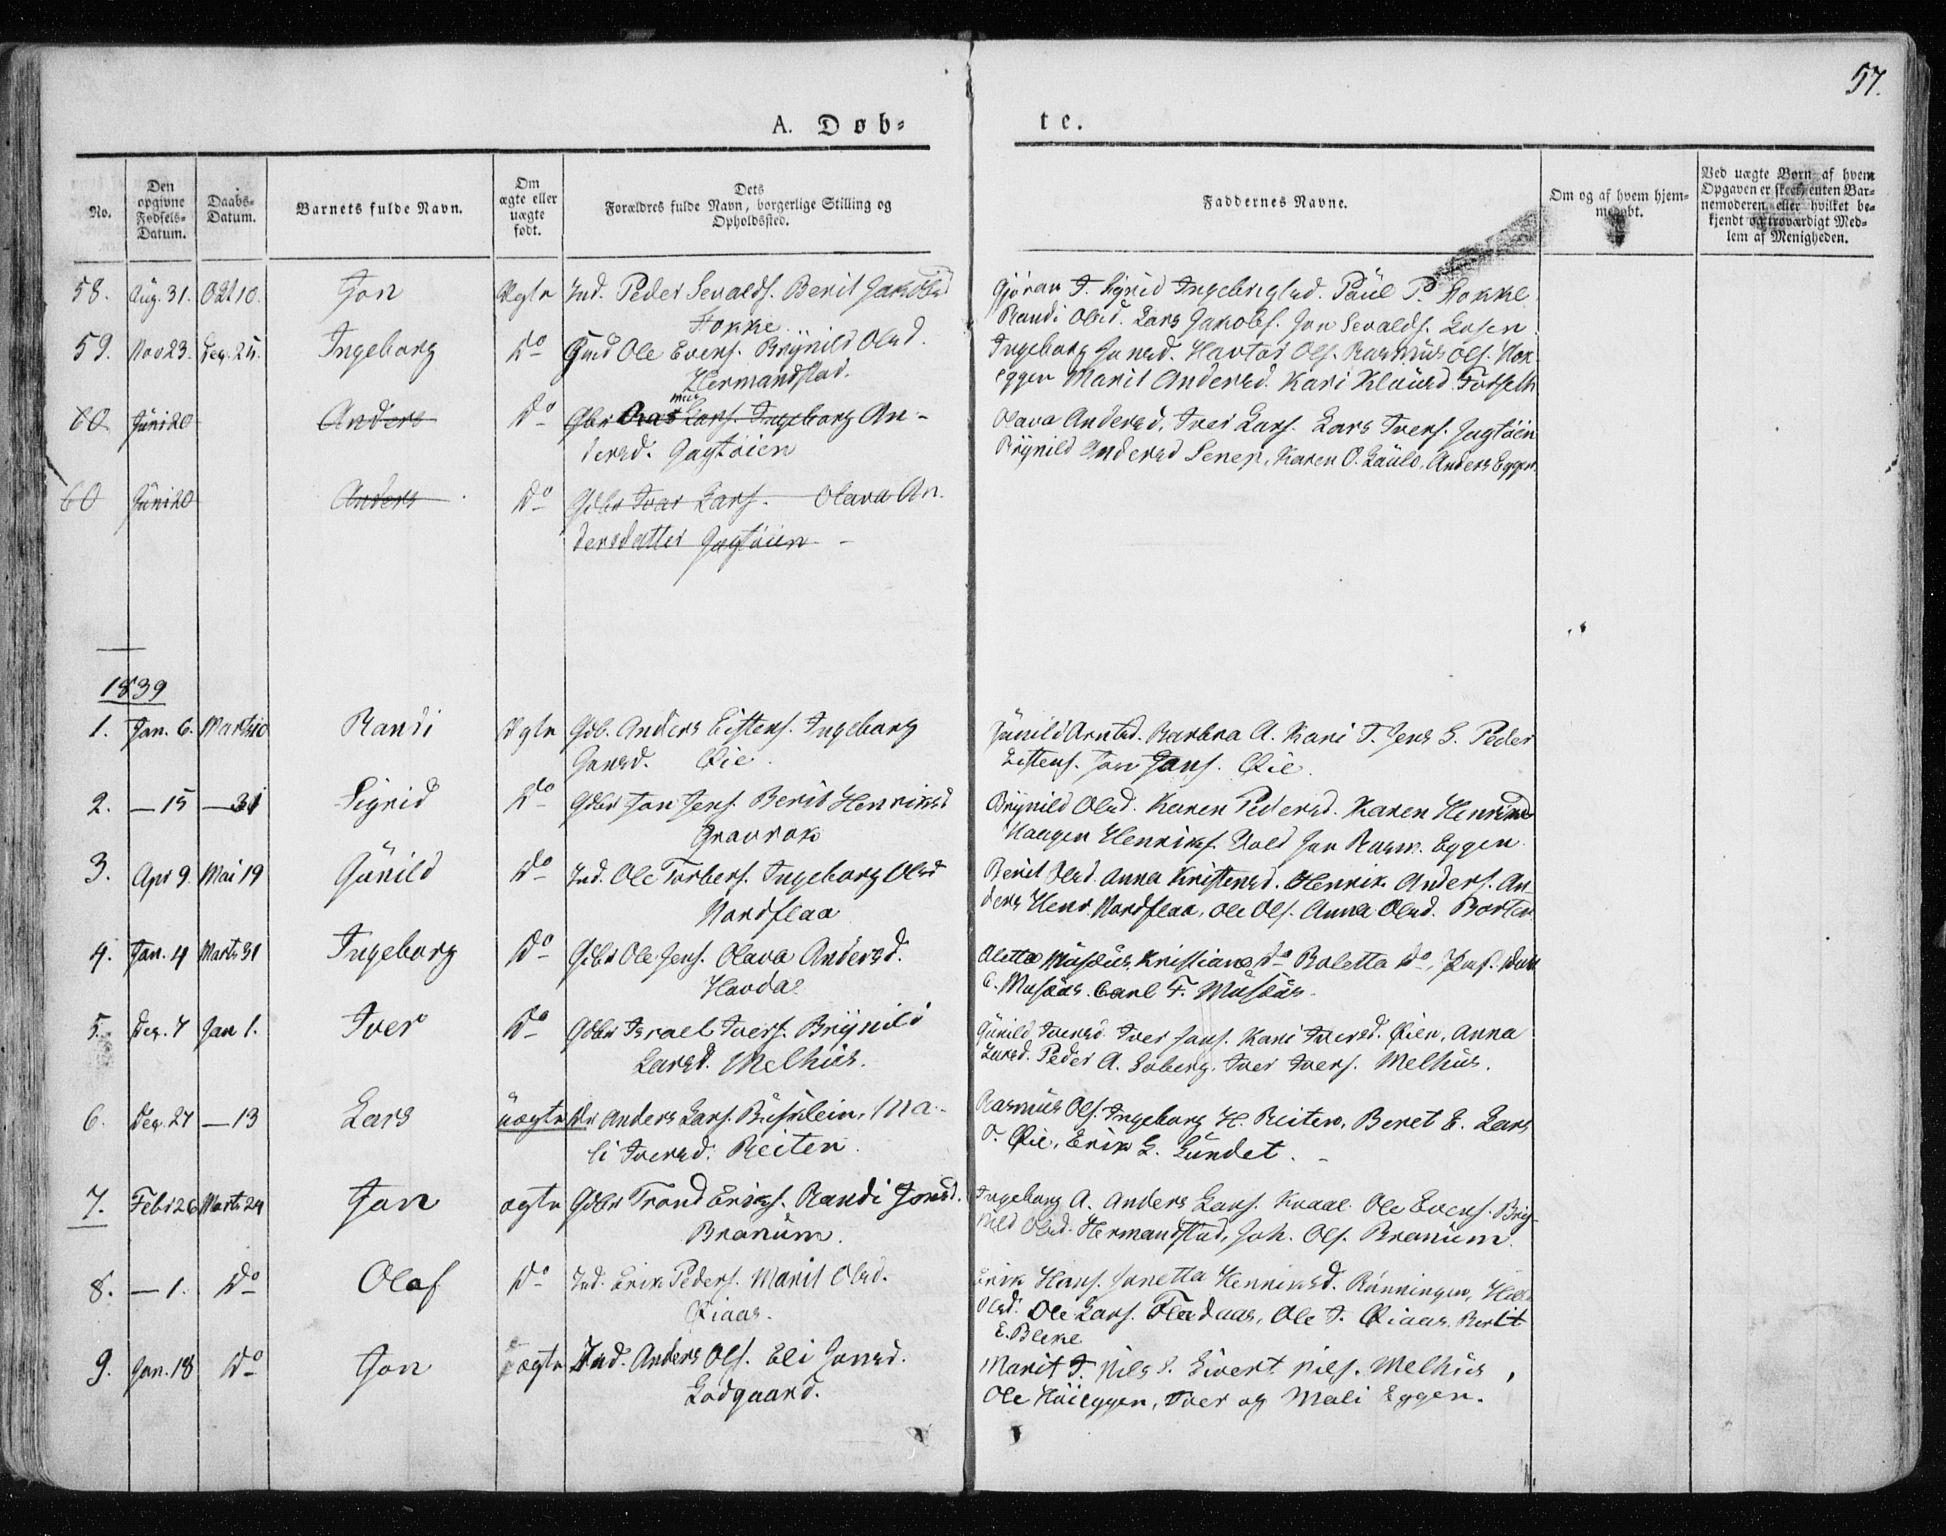 SAT, Ministerialprotokoller, klokkerbøker og fødselsregistre - Sør-Trøndelag, 691/L1069: Ministerialbok nr. 691A04, 1826-1841, s. 57